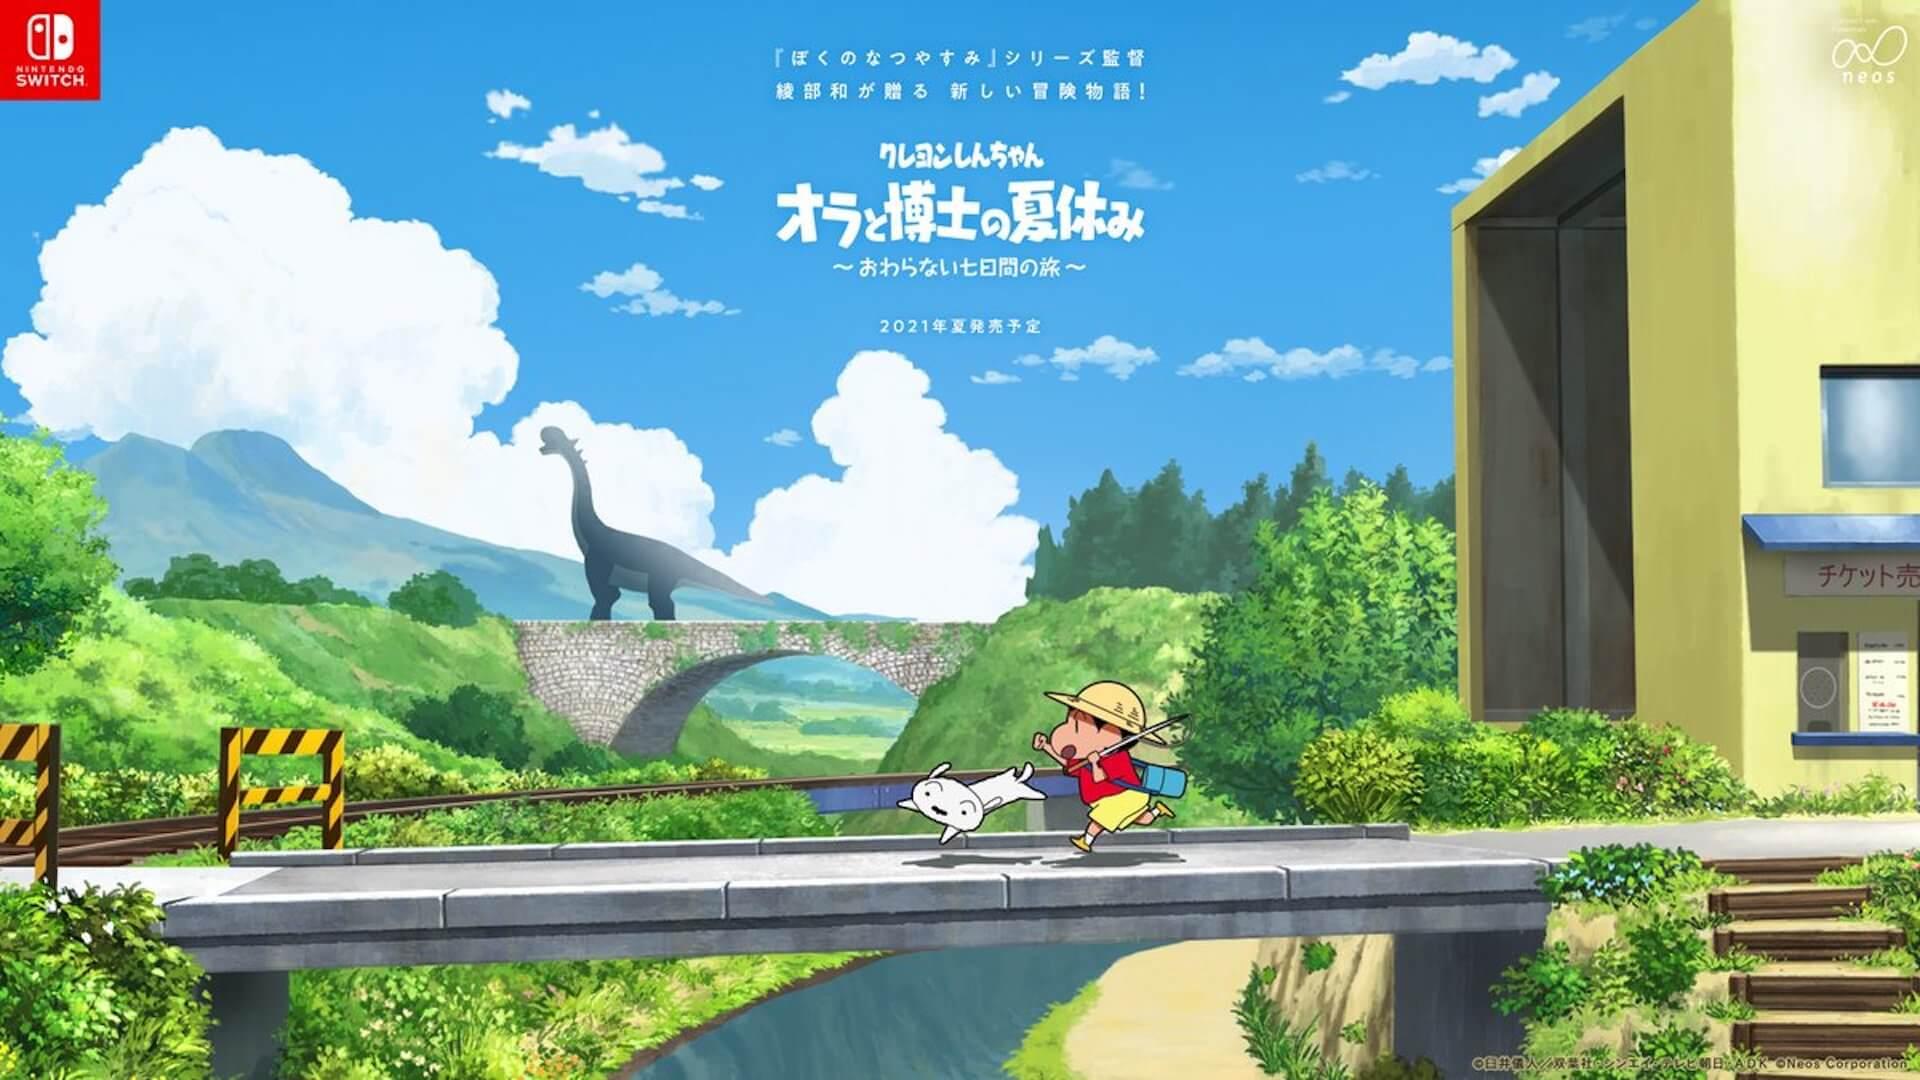 しんちゃんと忘れられない夏の思い出をつくろう!Nintendo Switch専用ソフト『クレヨンしんちゃん『オラと博士の夏休み』~おわらない七日間の旅~』が今夏発売決定 tech210218_crayon_nintendoswitch_main